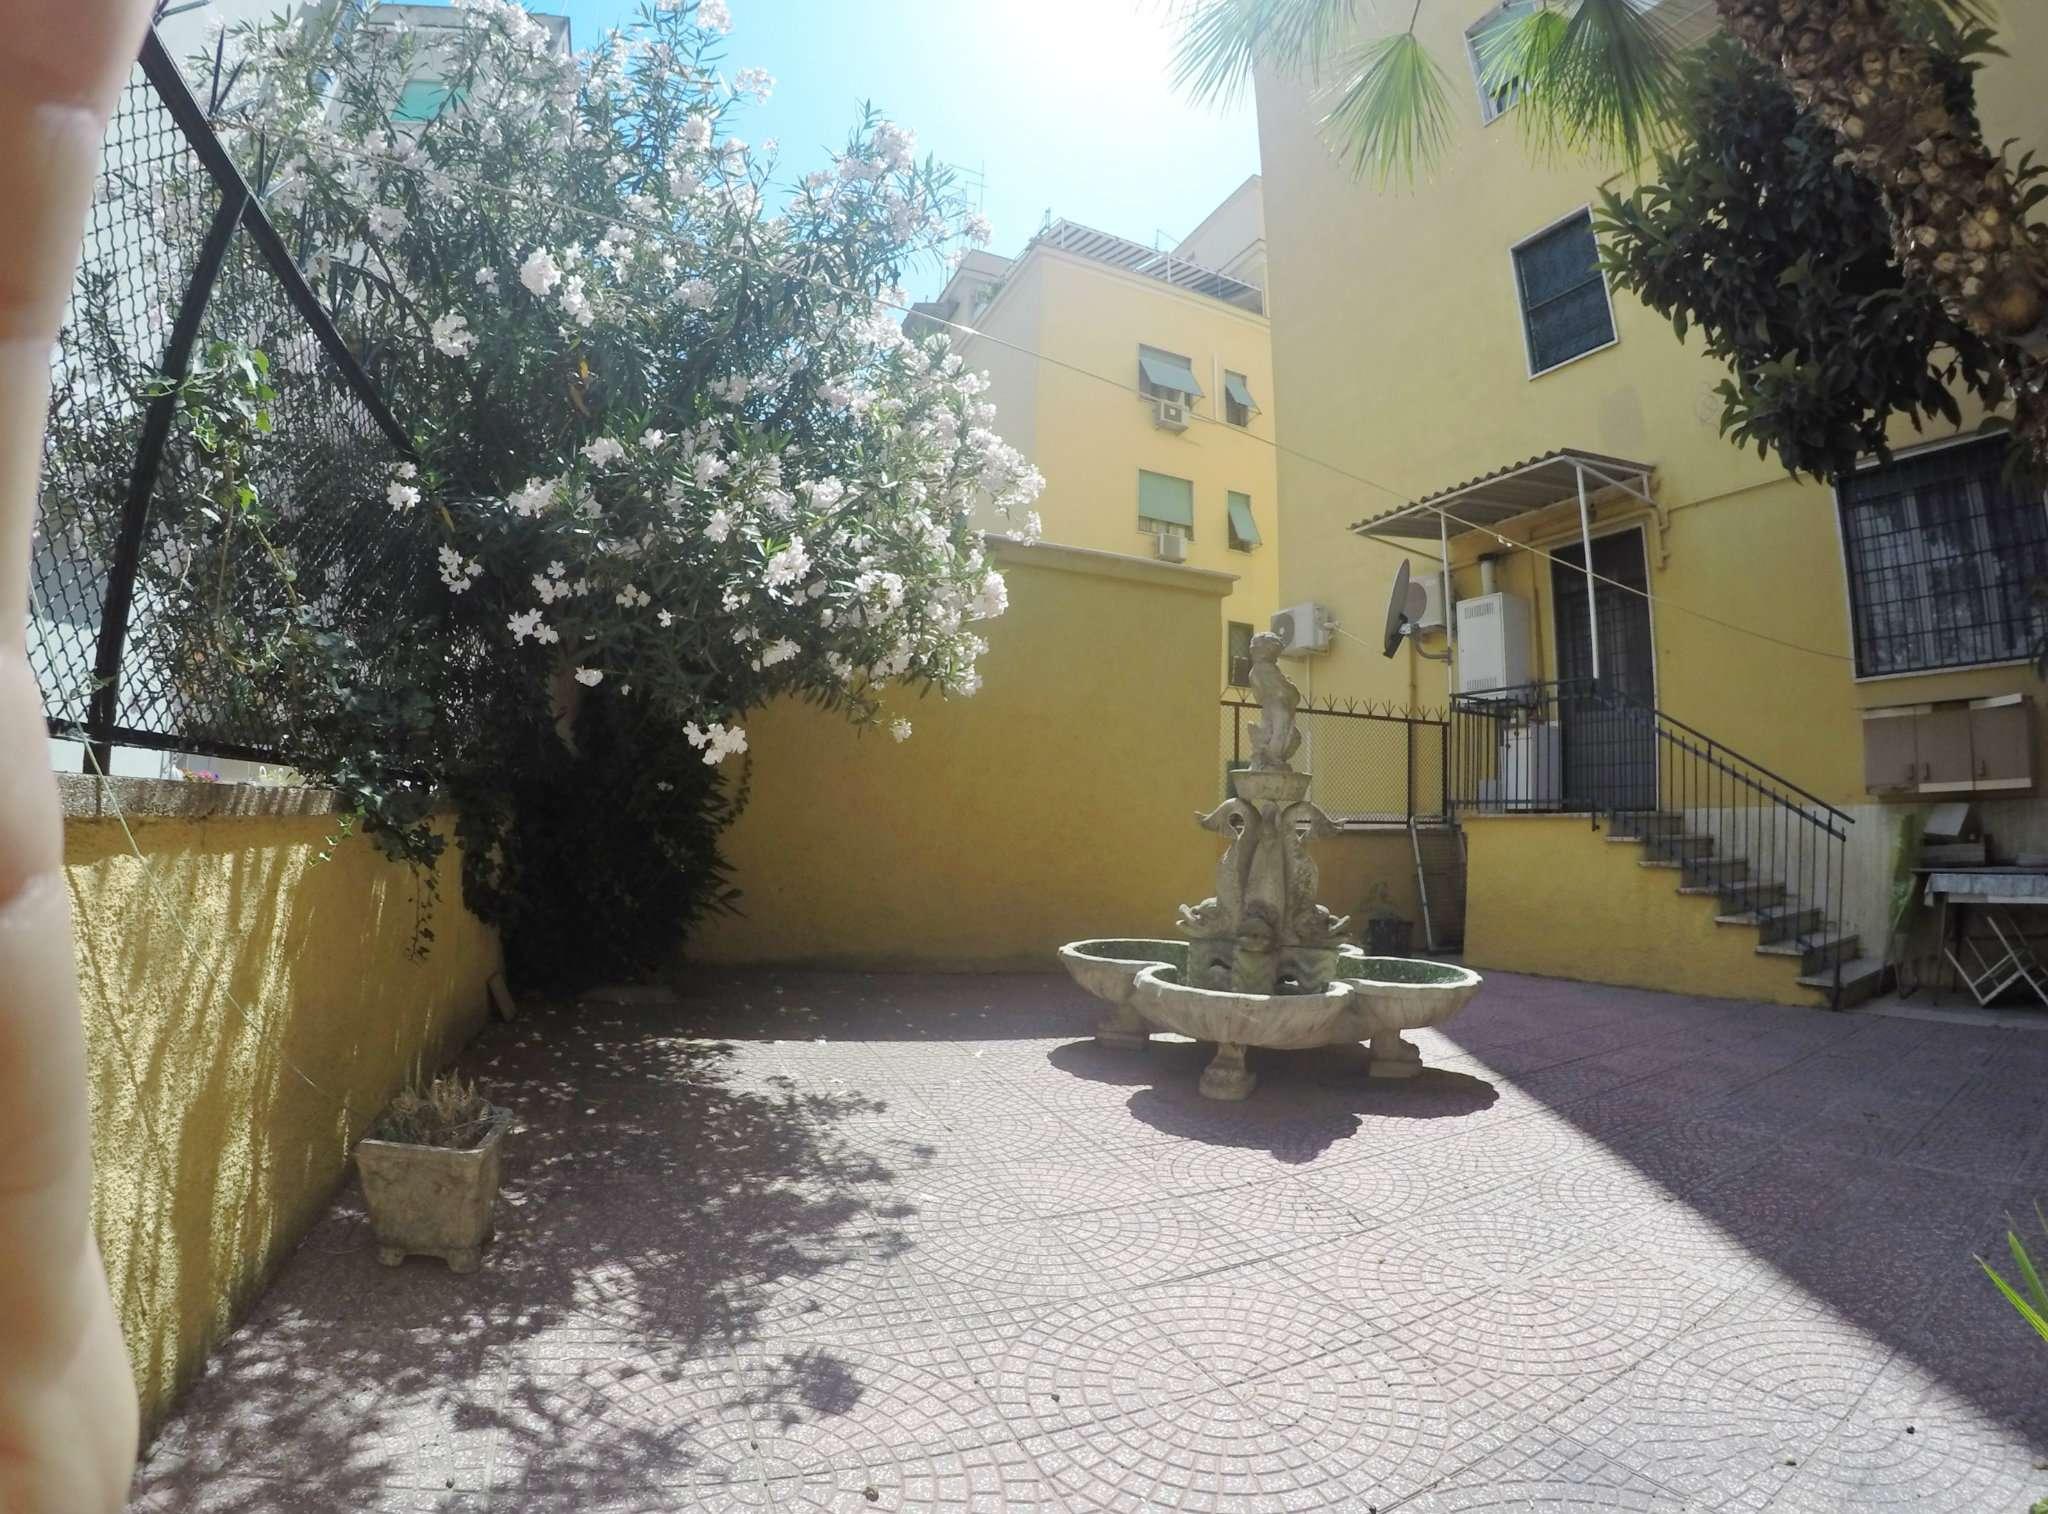 Appartamento in vendita a Roma, 2 locali, zona Zona: 13 . Tuscolano, Appio Claudio, Villa Lais, Quadraro, prezzo € 199.000 | CambioCasa.it